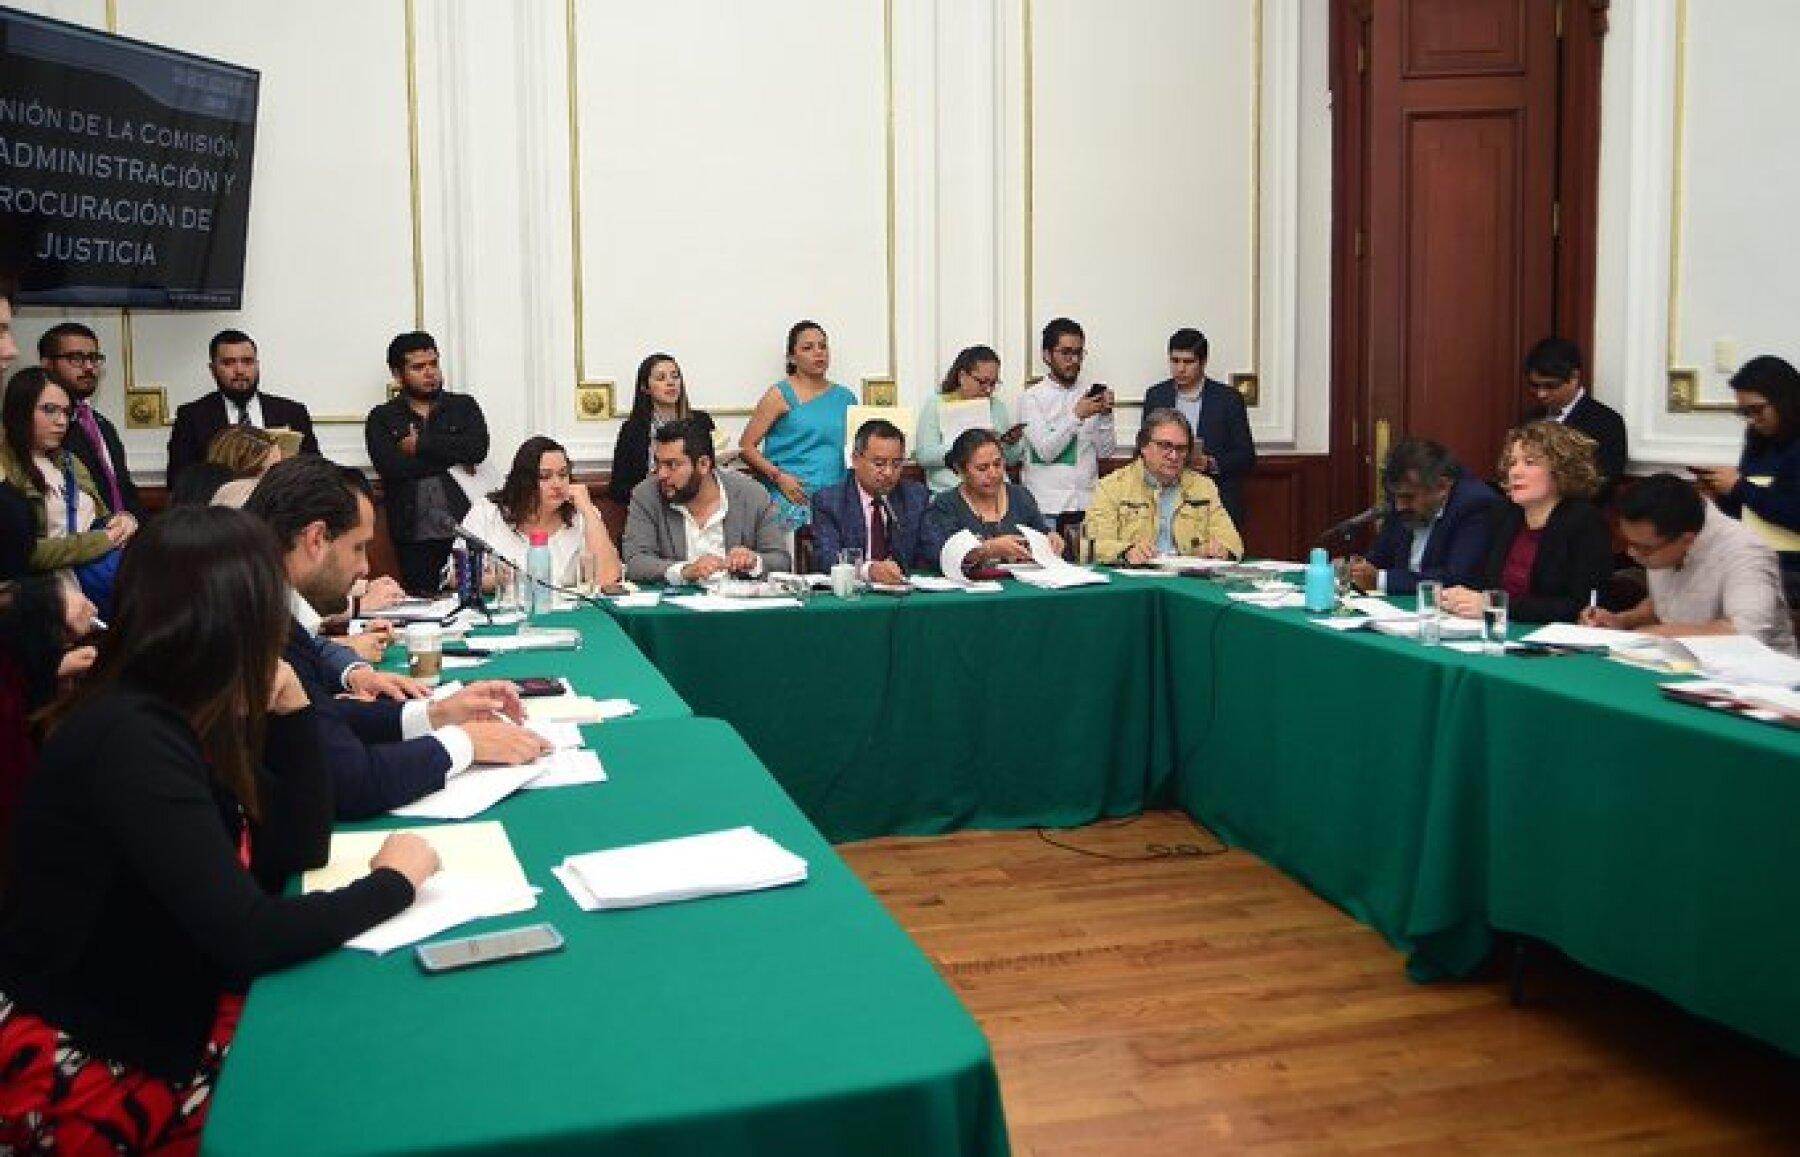 Comisión de Administración y Procuración de Justicia